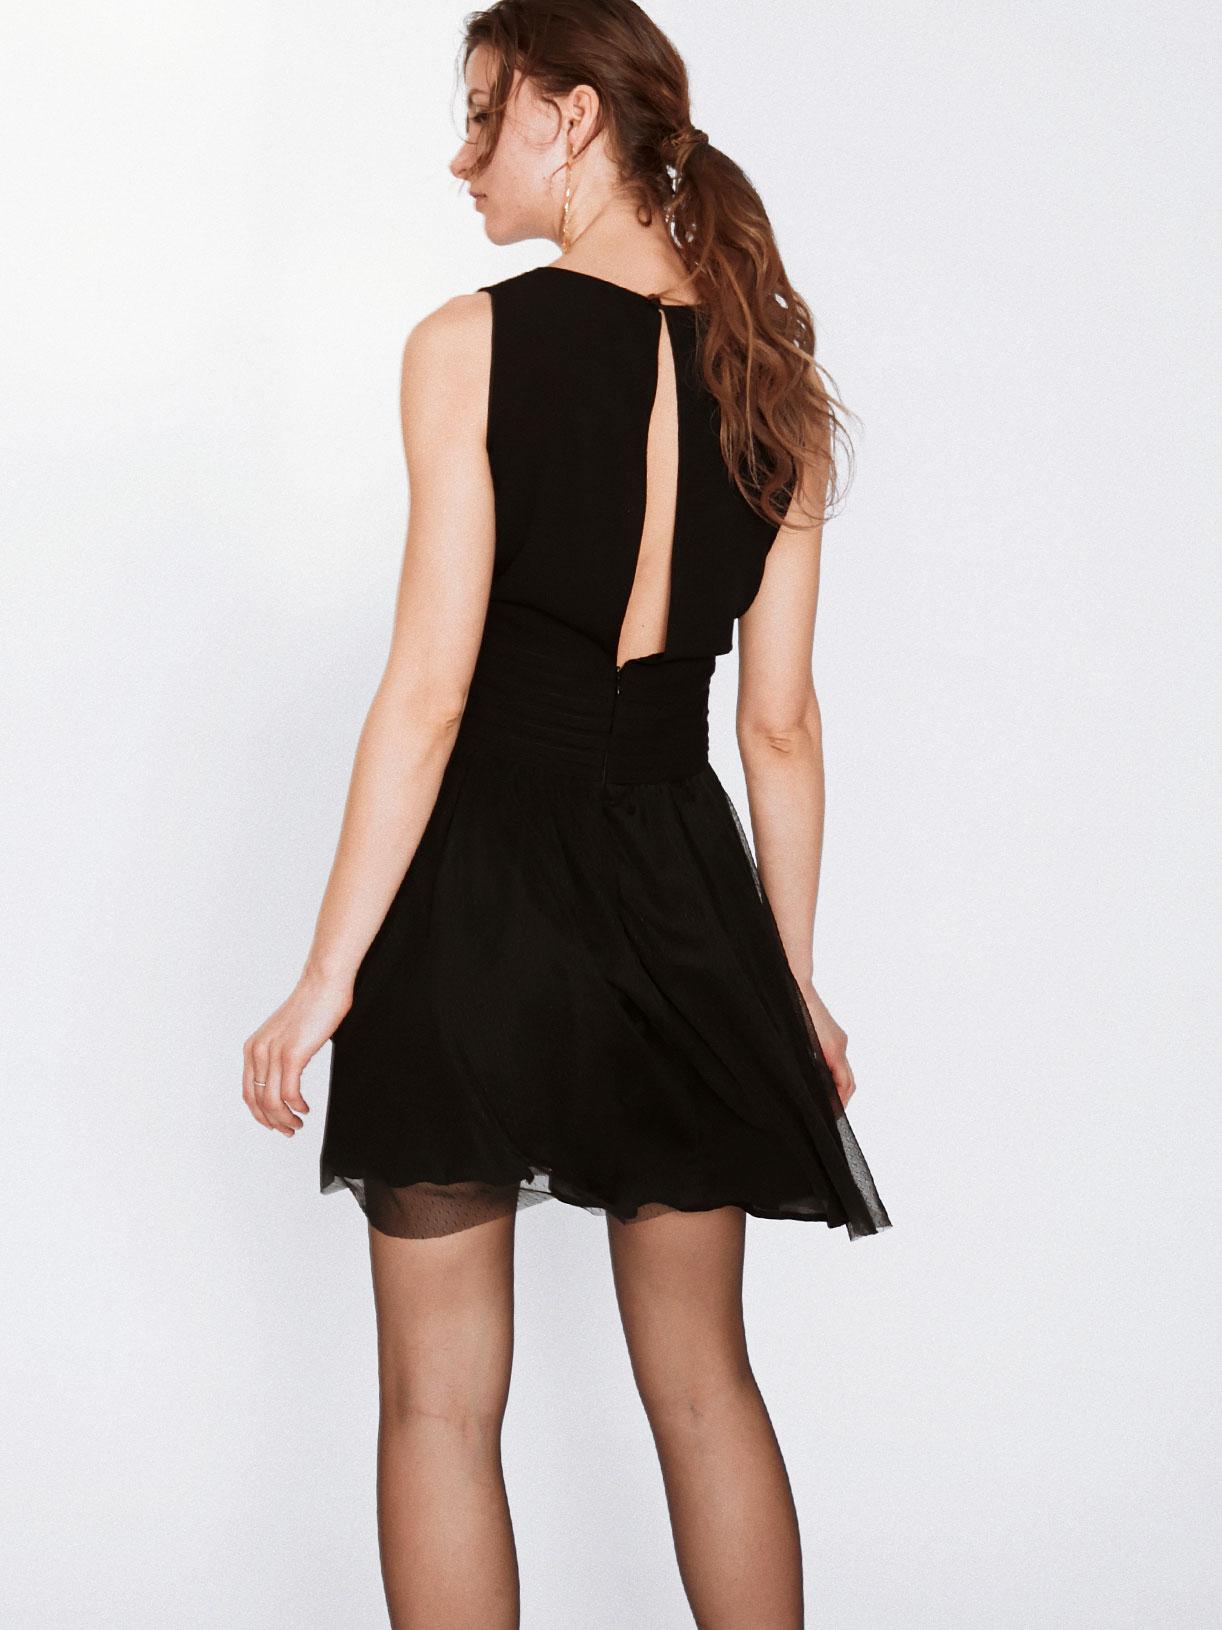 Robe courte décolleté en V noire de soirée écoresponsable - Creatrice de mode éthique et bio a Paris - Myphilosophy